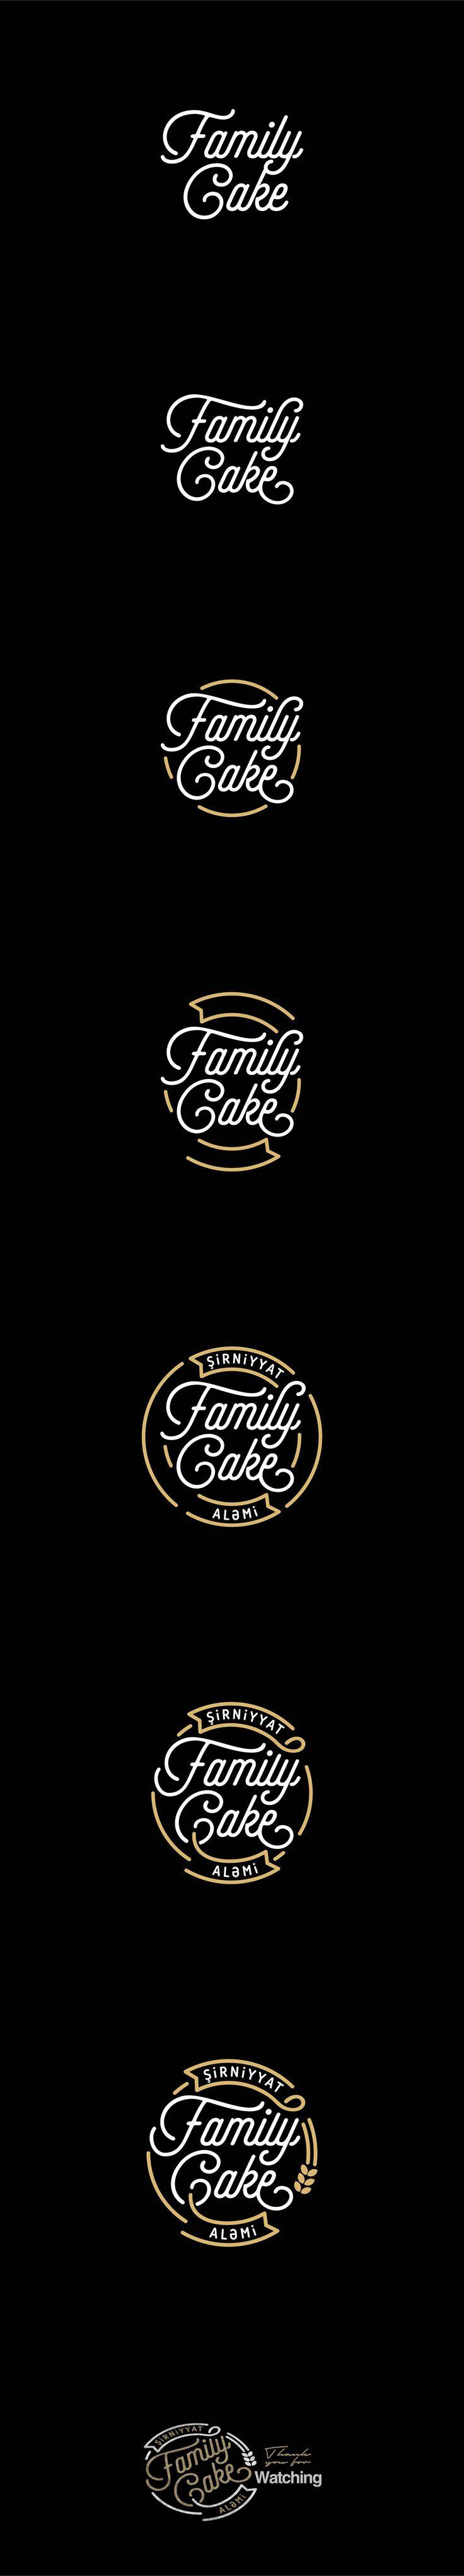 Family Cake on Behance